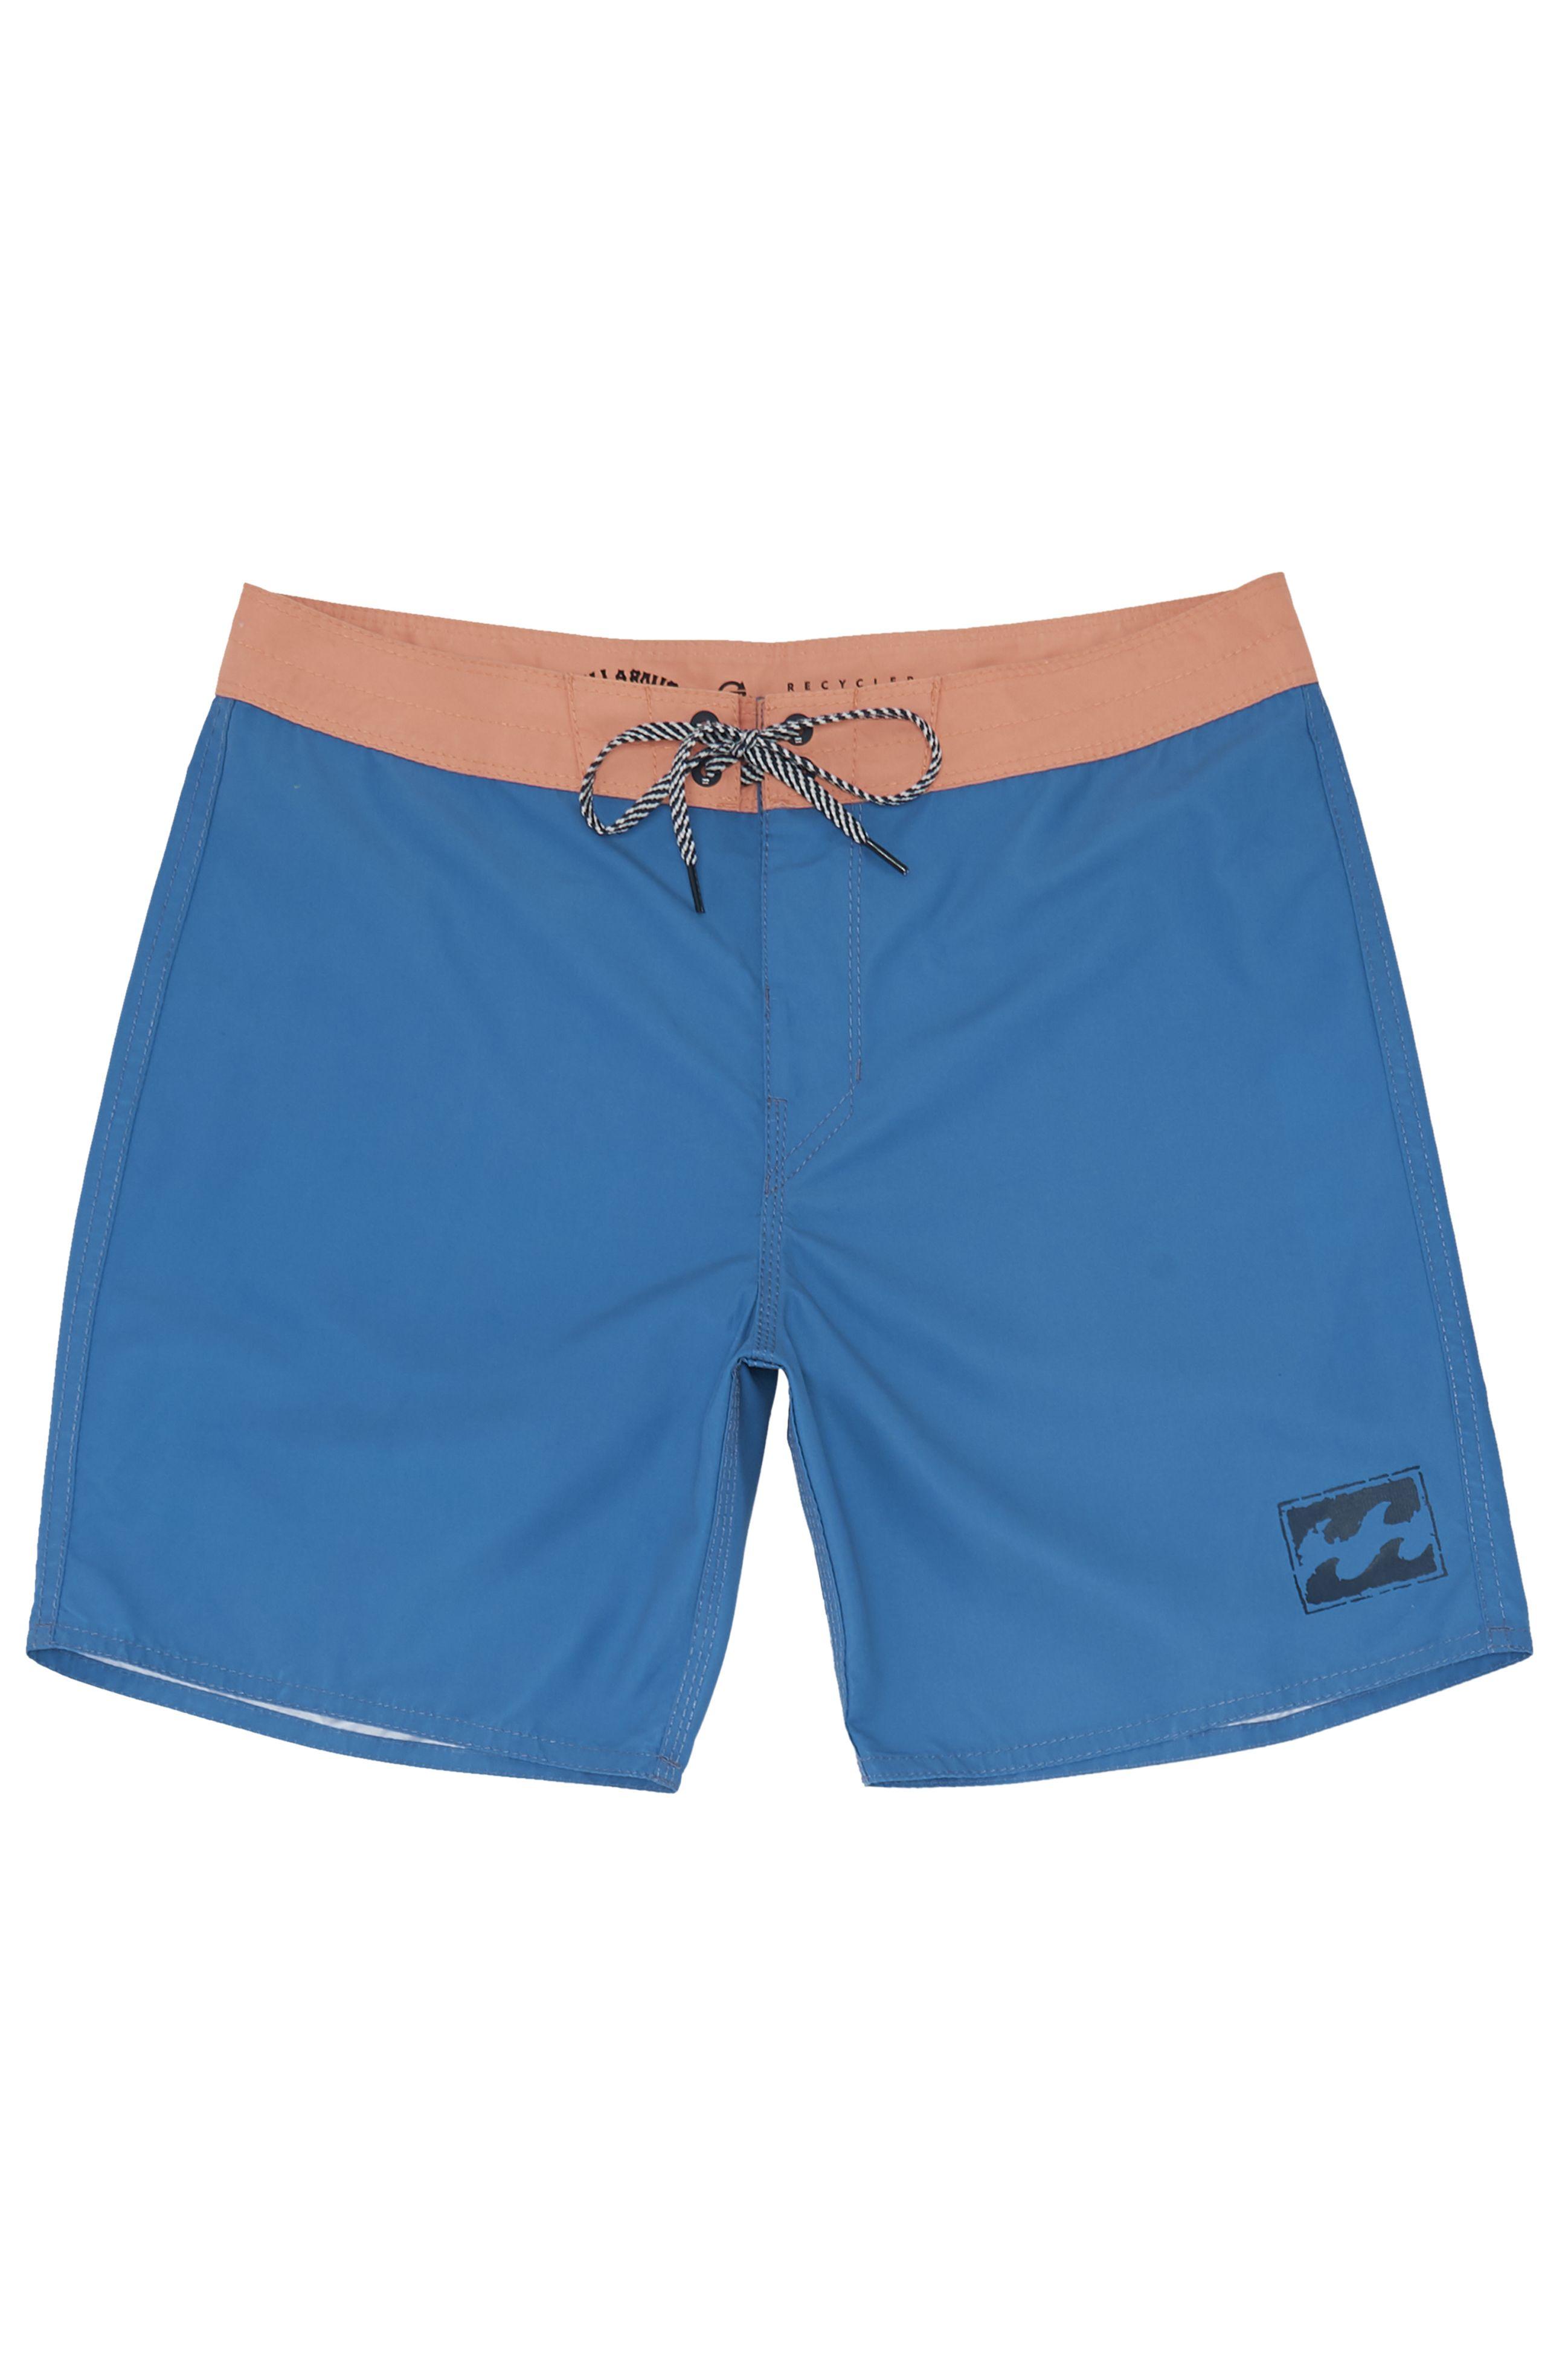 Boardshorts Billabong ALL DAY OG Blue